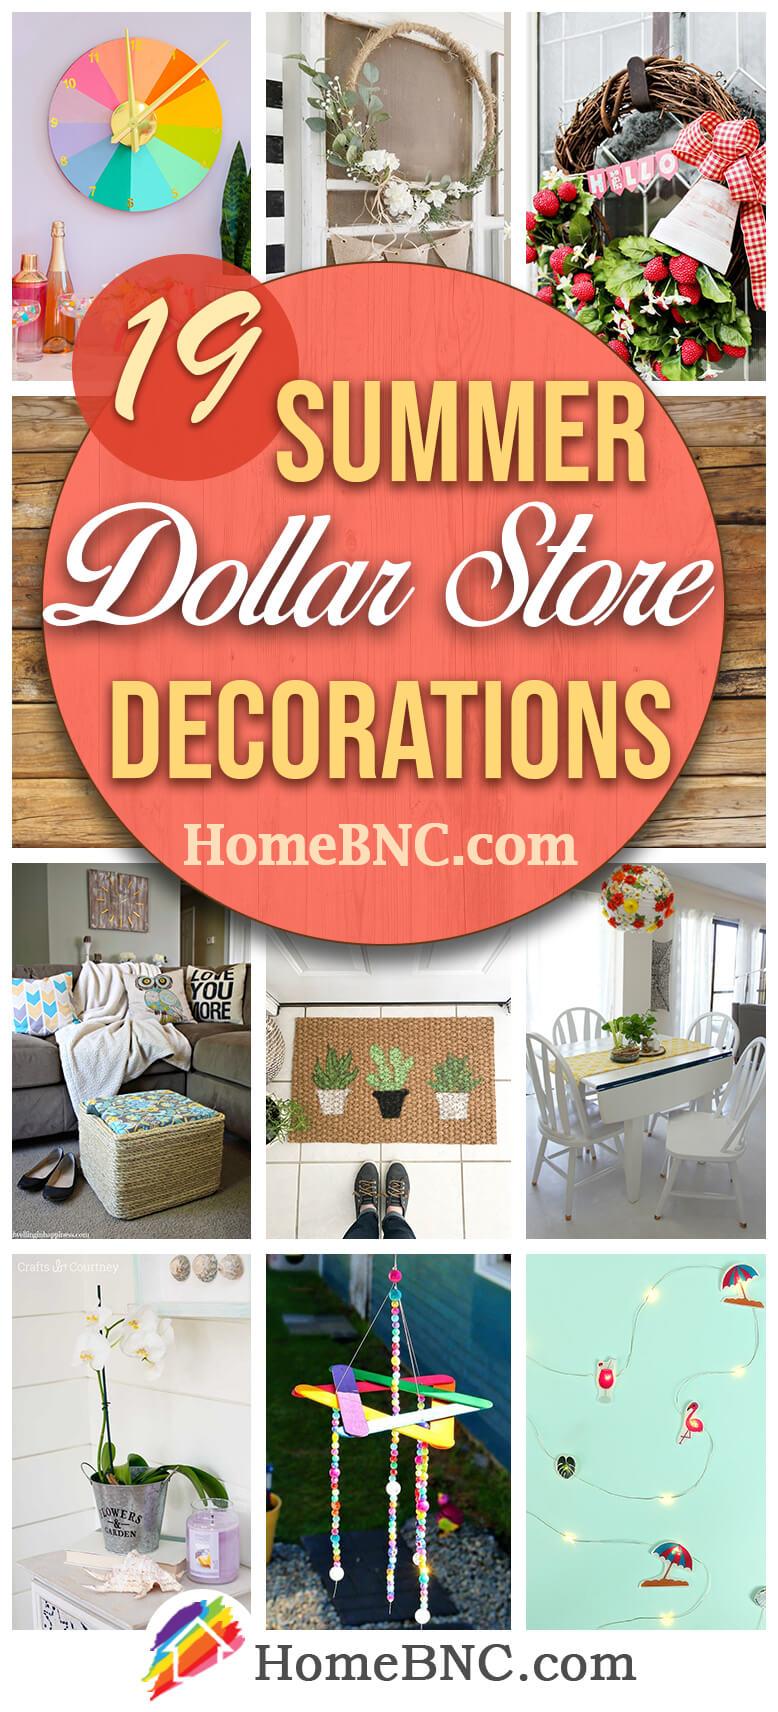 Best Dollar Store Summer Decoration Ideas